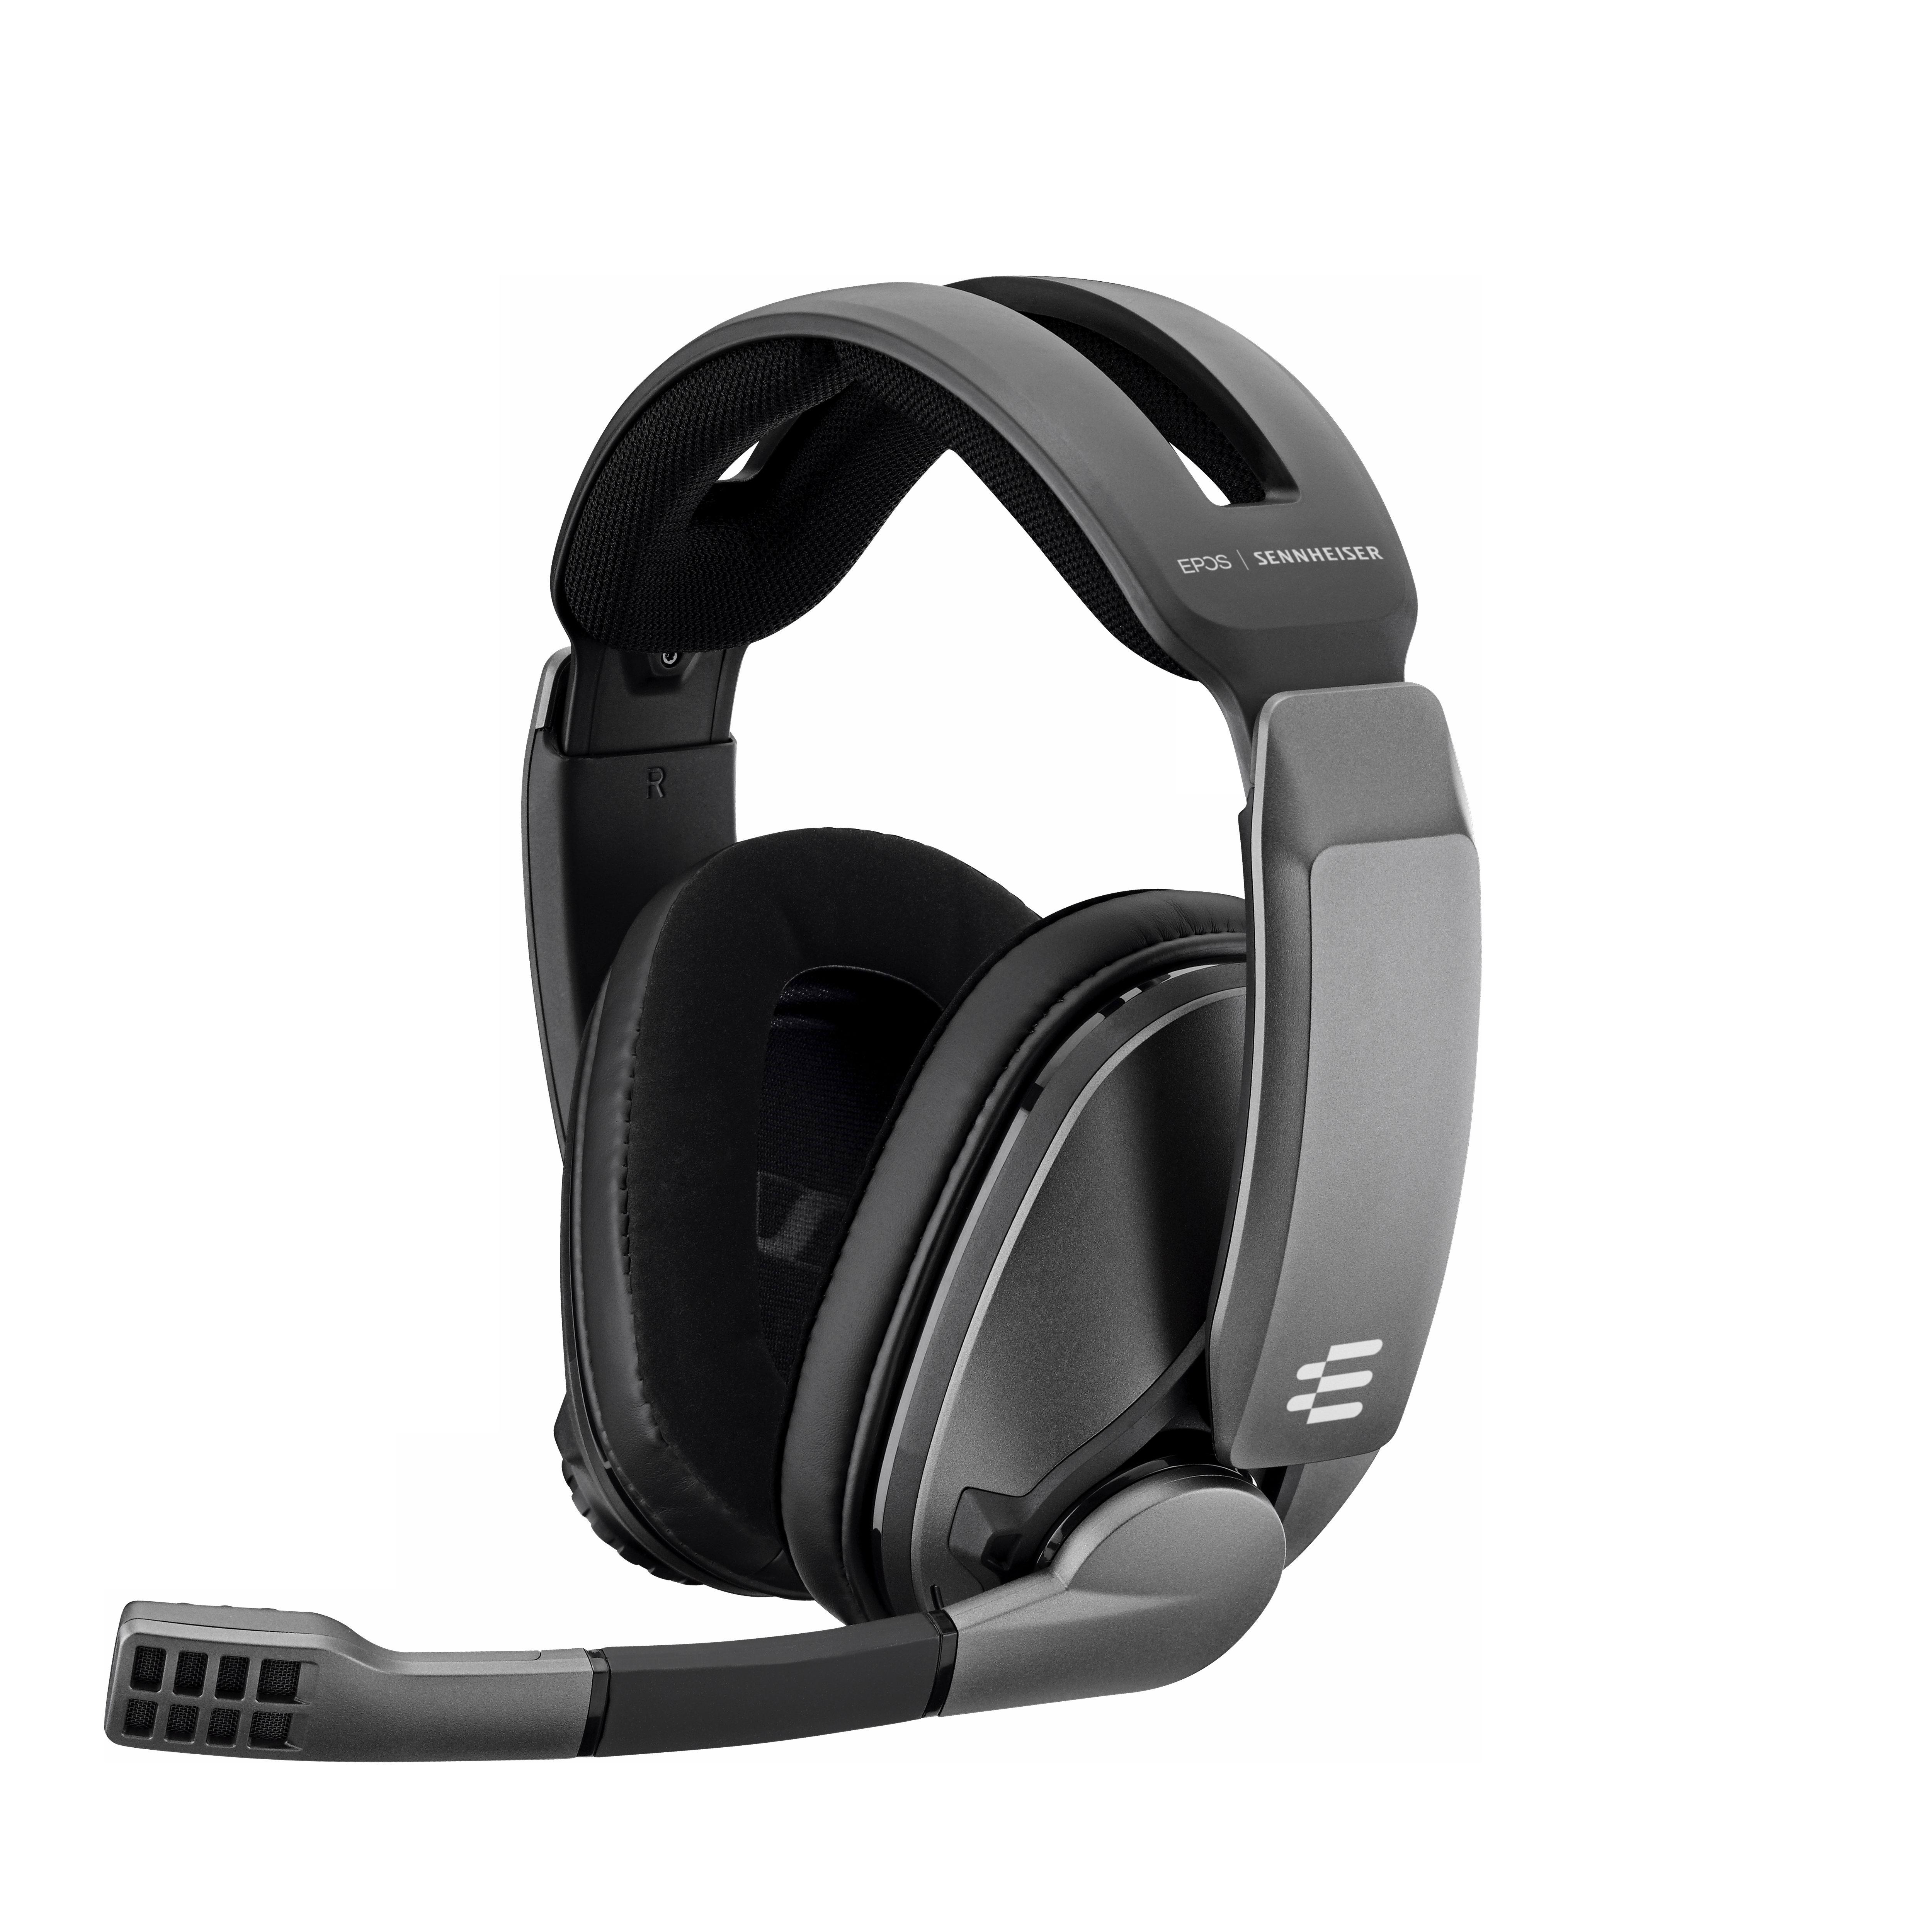 Billede af EPOS - Sennheiser - GSP 370 Trådløst Gaming Headset